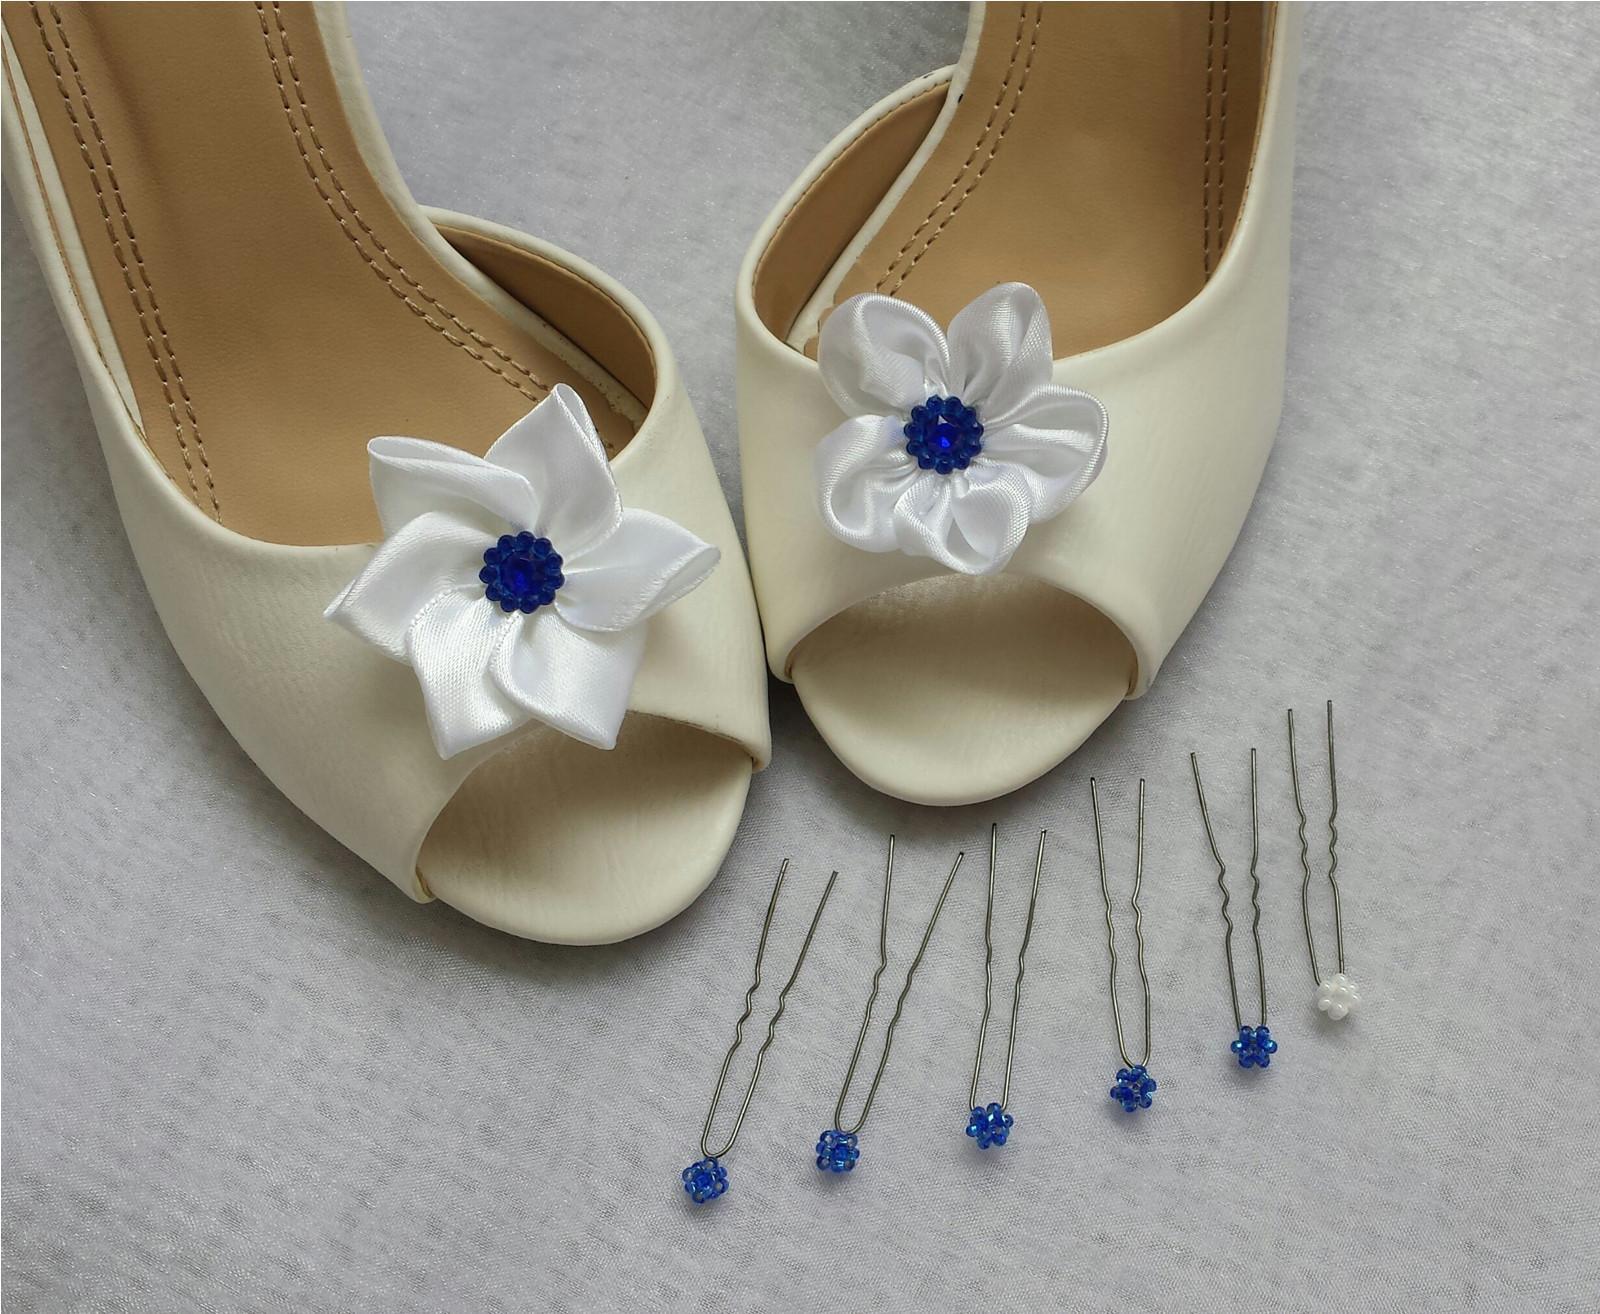 Klipy na boty barva a tvar dle přání - Bilomodre na prani